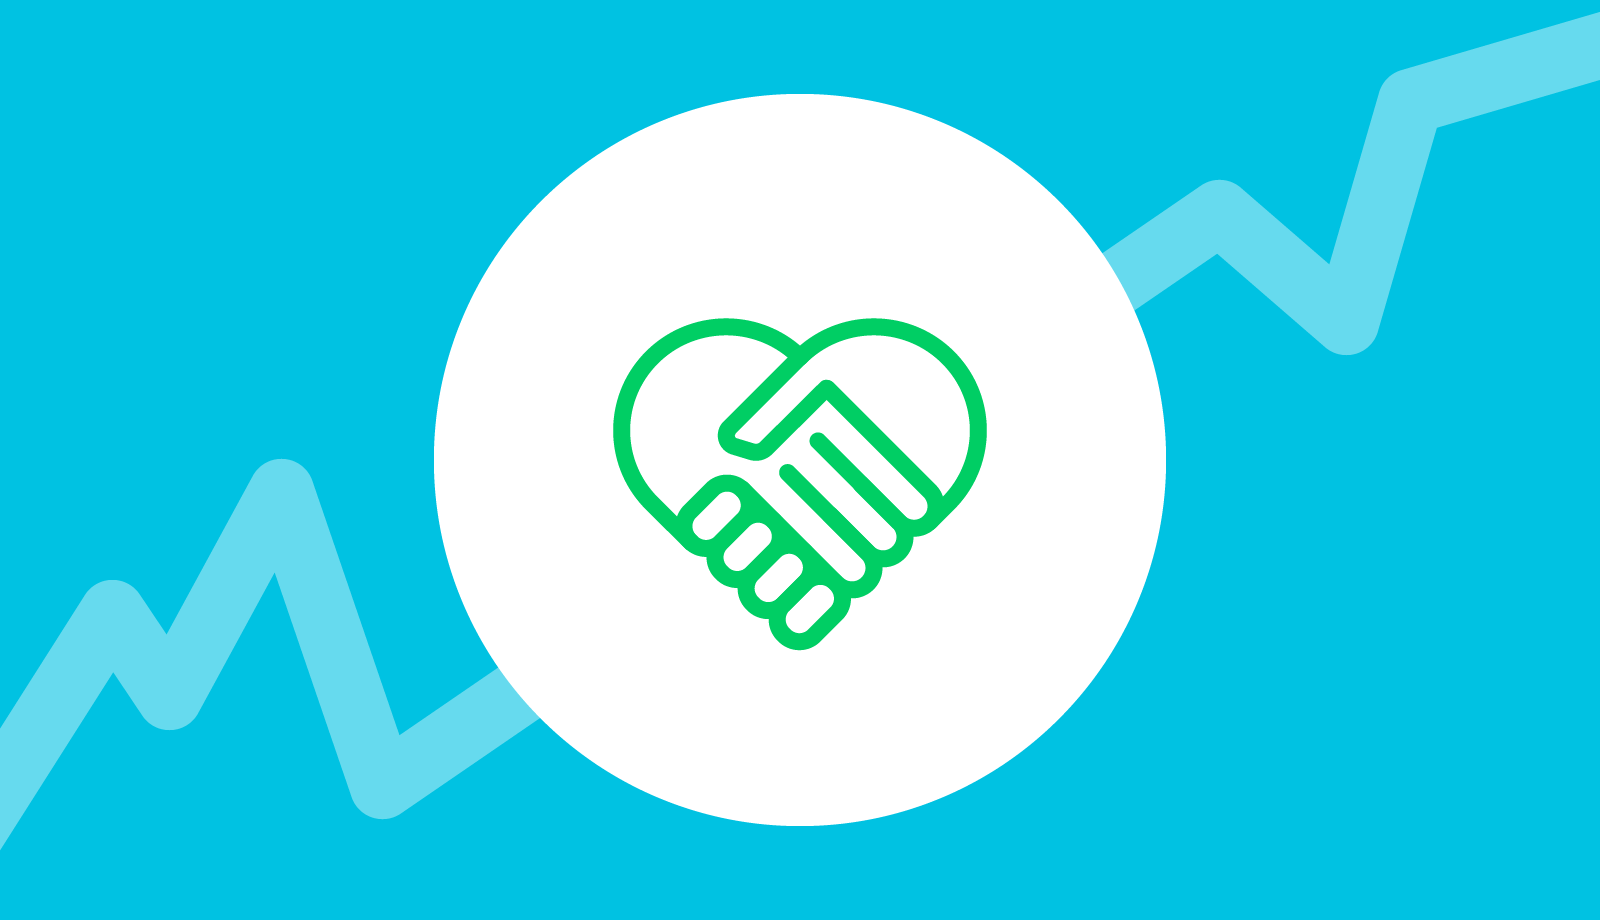 オープンAPIが大活躍する 「金融サービス仲介業」